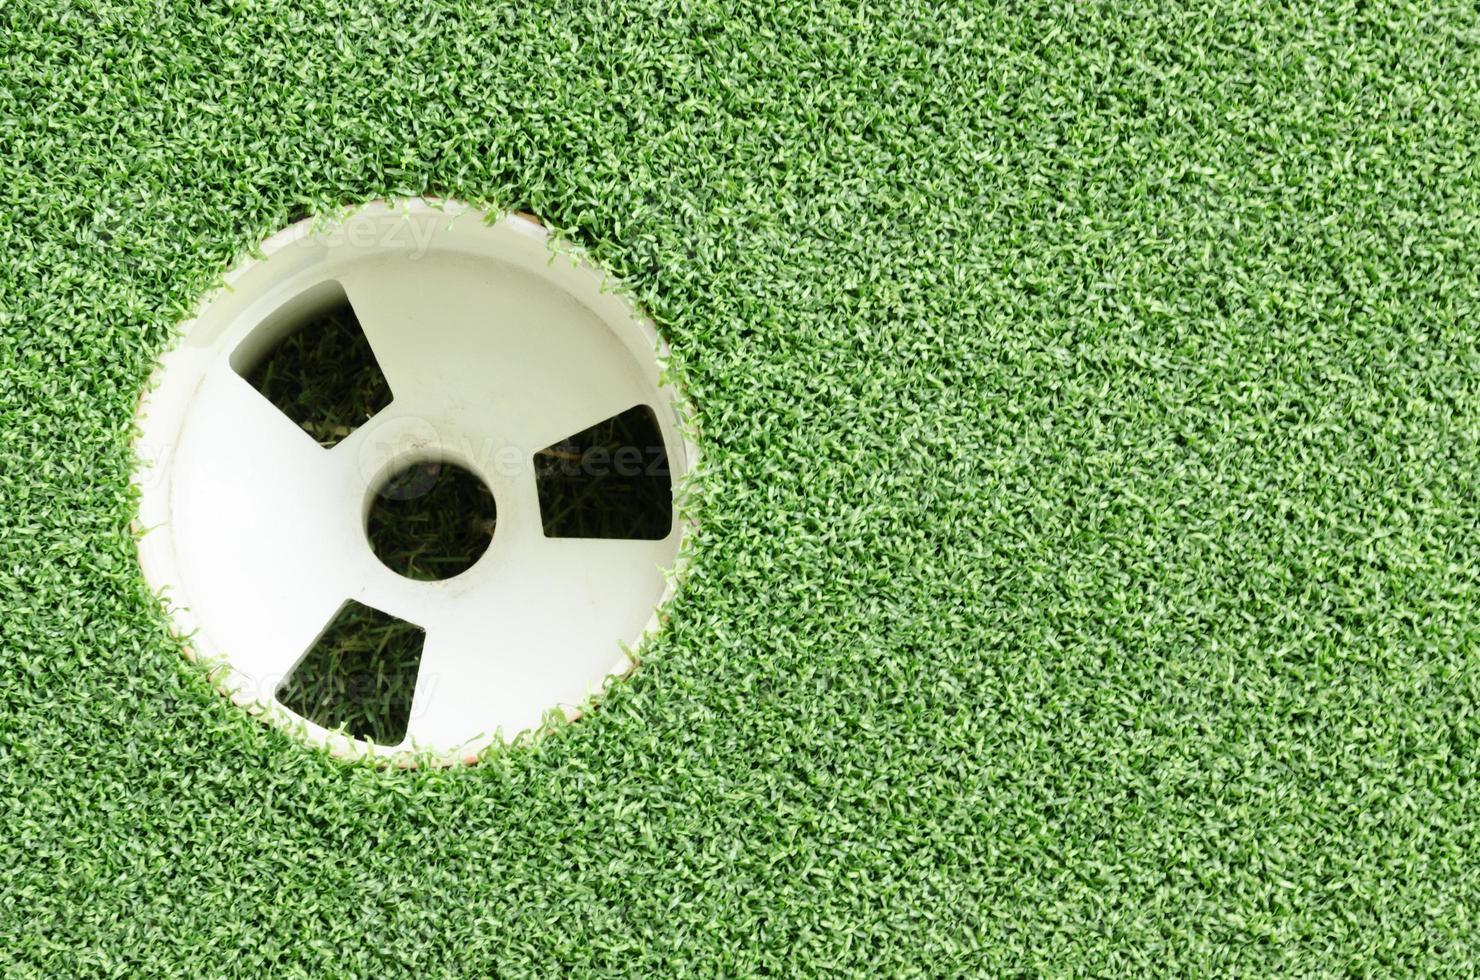 Tasse Golfschläger und Gras foto